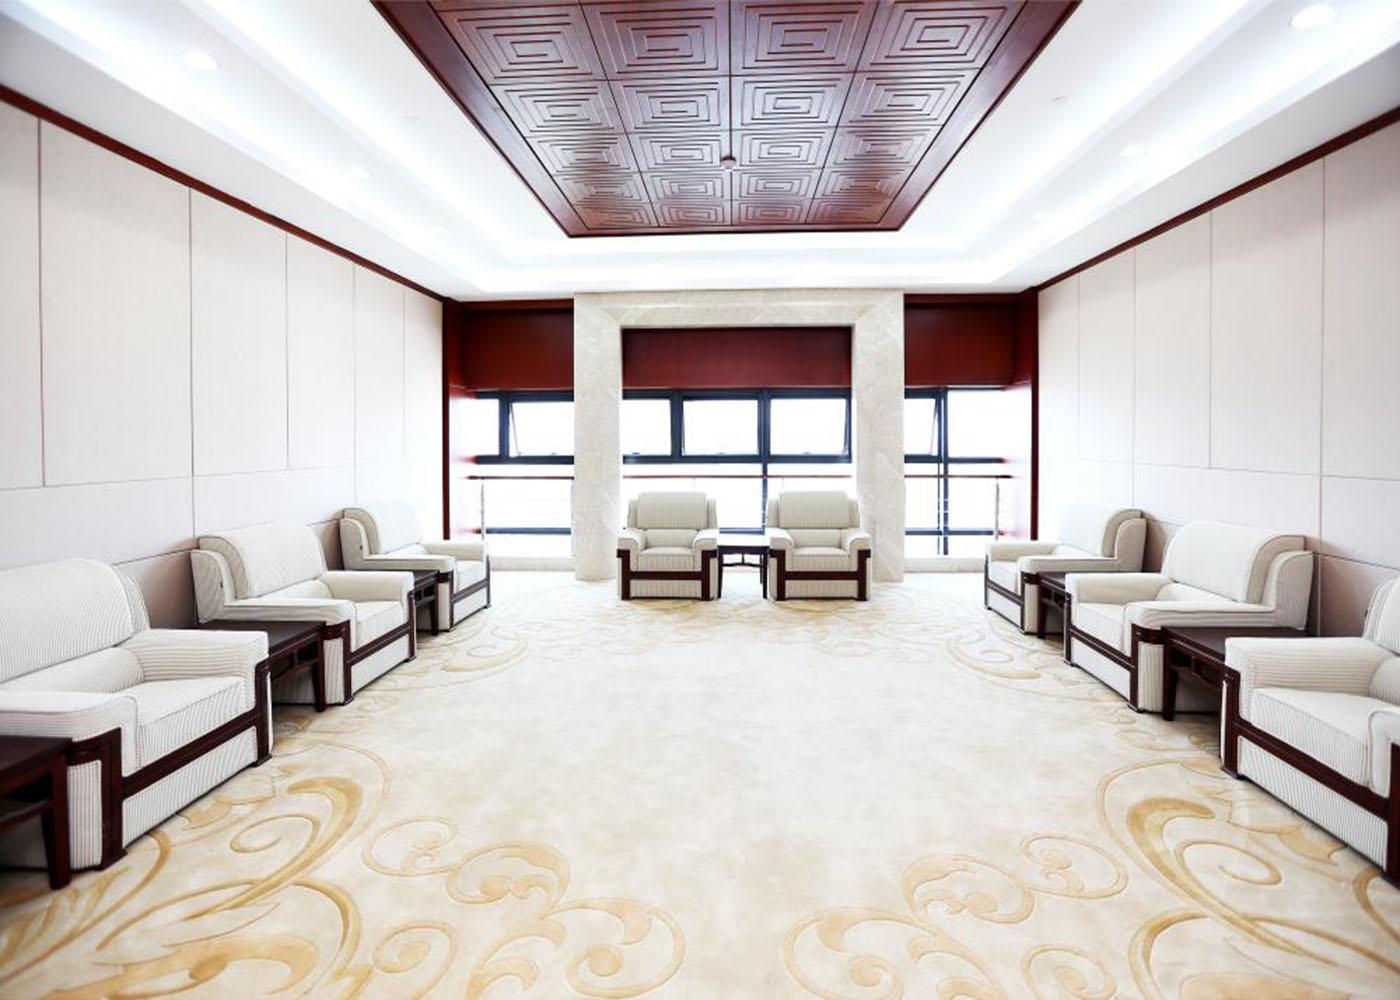 贝尔特贵宾沙发A06,上海贵宾沙发,【尺寸 价格 图片 品牌】